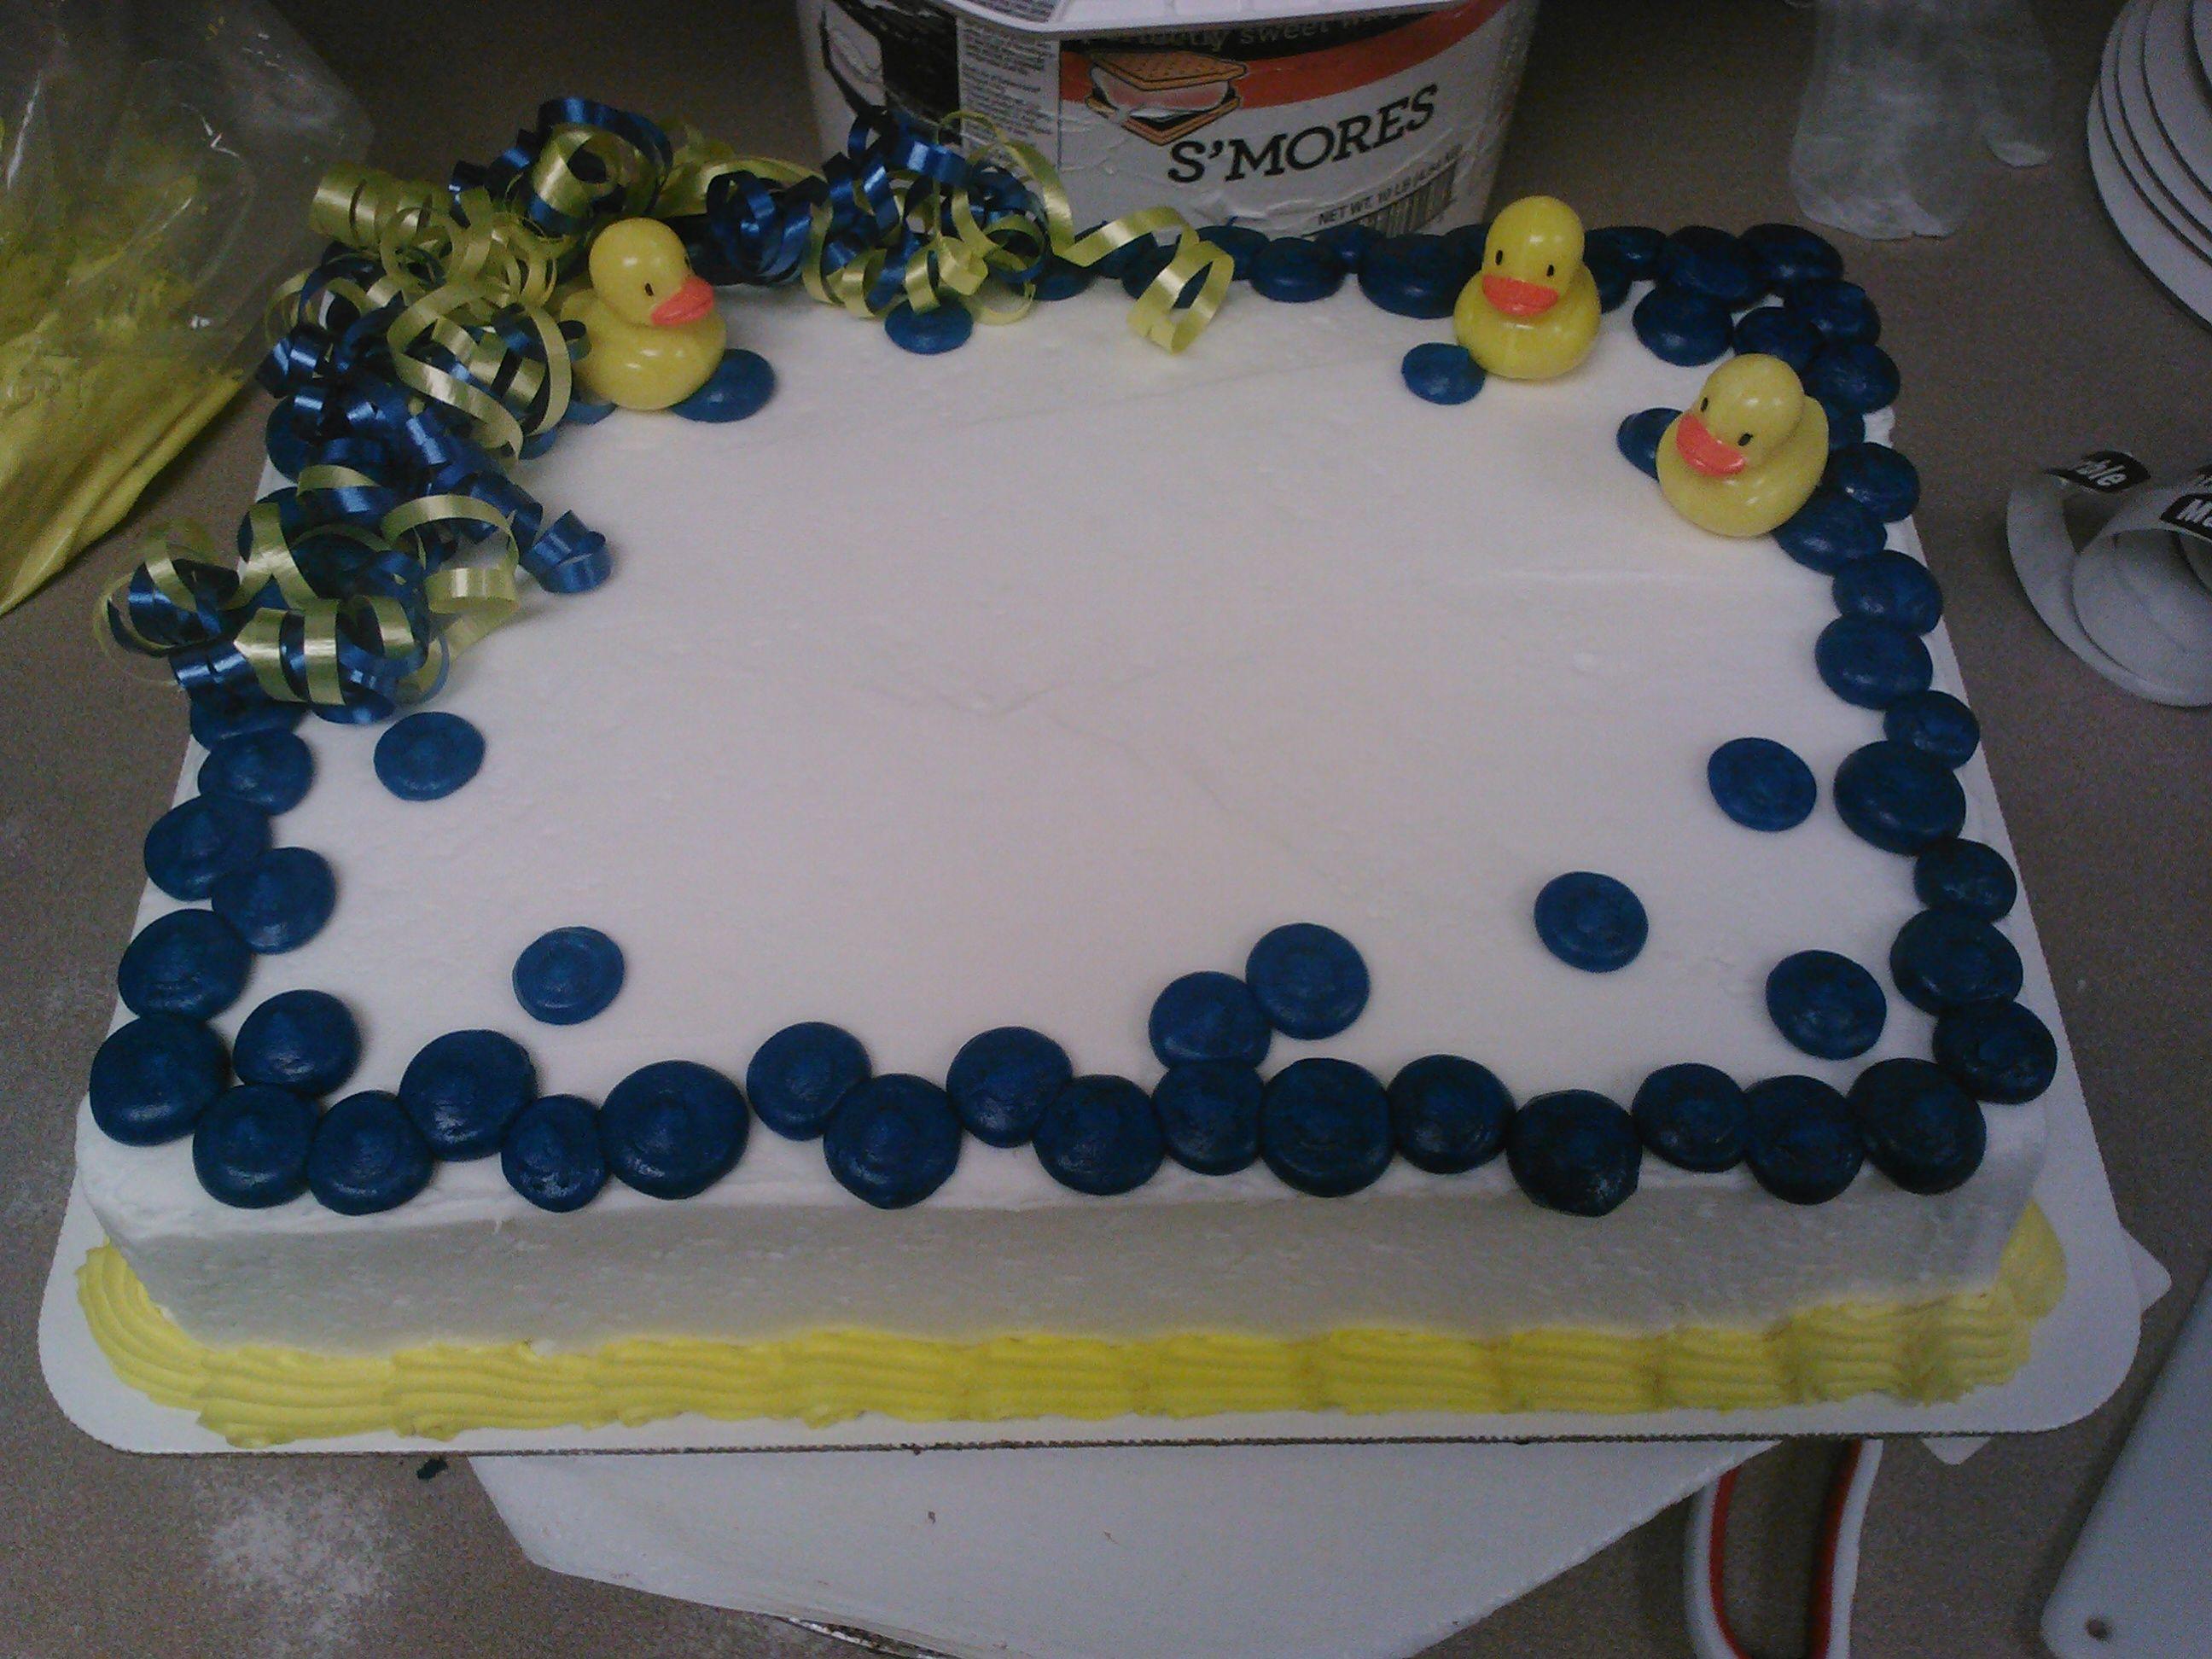 Ducky Cake Designed Cosentinos Brookside Market Kansas City Missouri Jpg 2592x1944 Princess Birthday Price Chopper